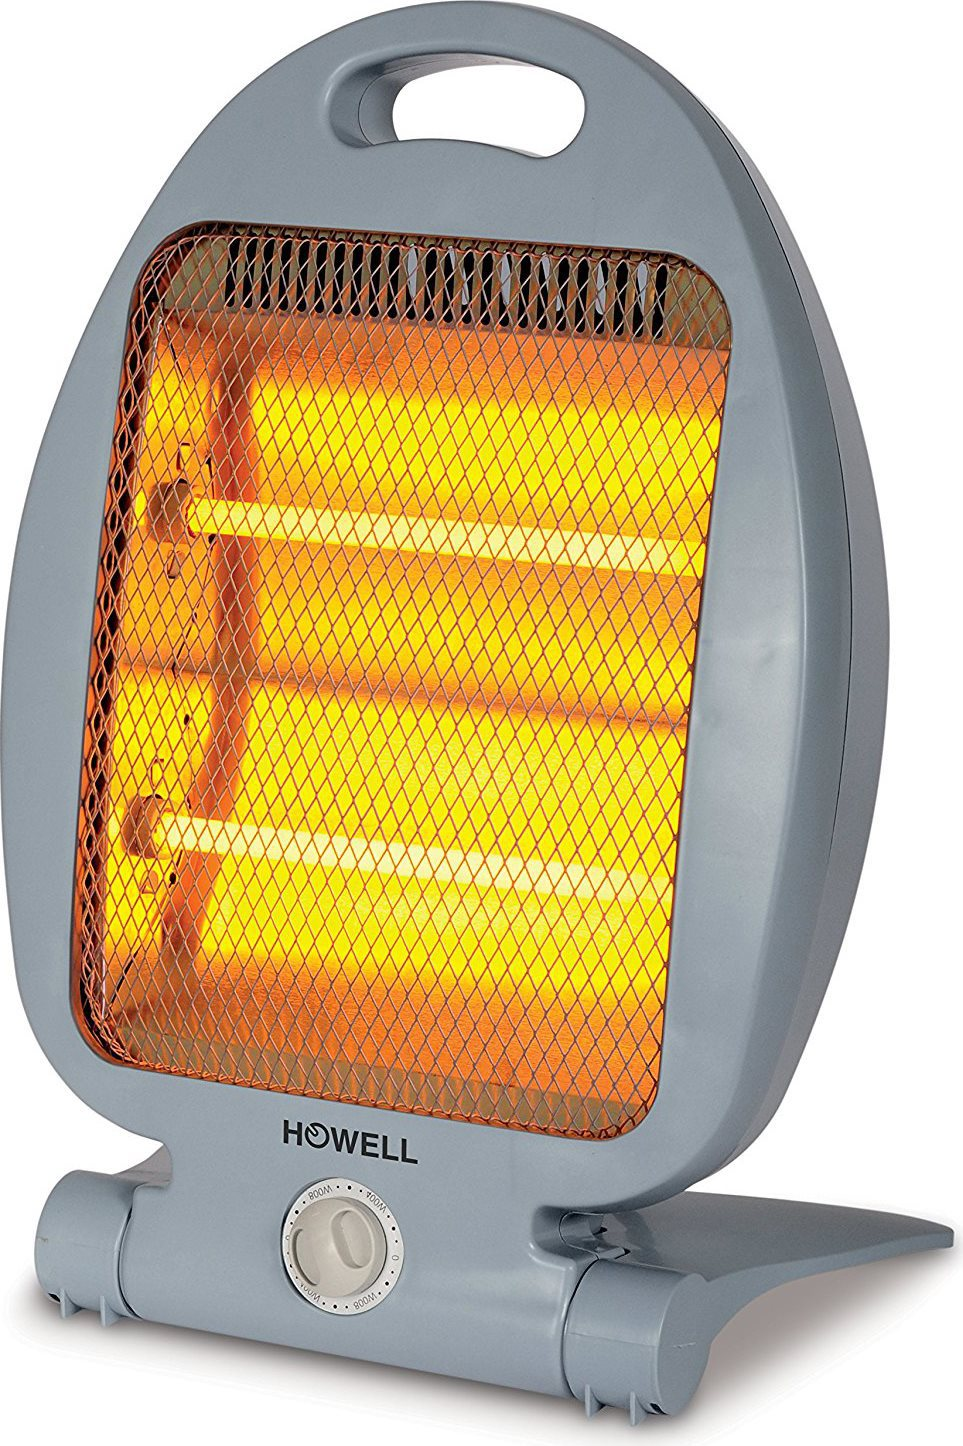 Howell stufa elettrica al quarzo 1000w sq124 33446 - Stufa elettrica a basso consumo ...